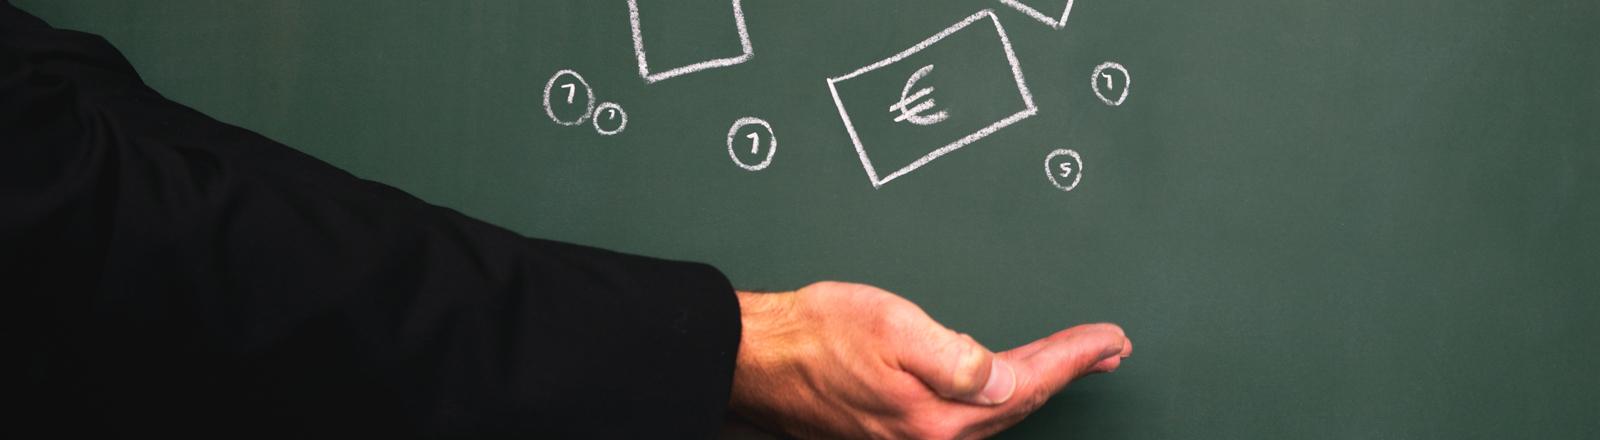 Ein Arm an einer Tafel auf die Euromünzen und-scheine gezeichnet sind